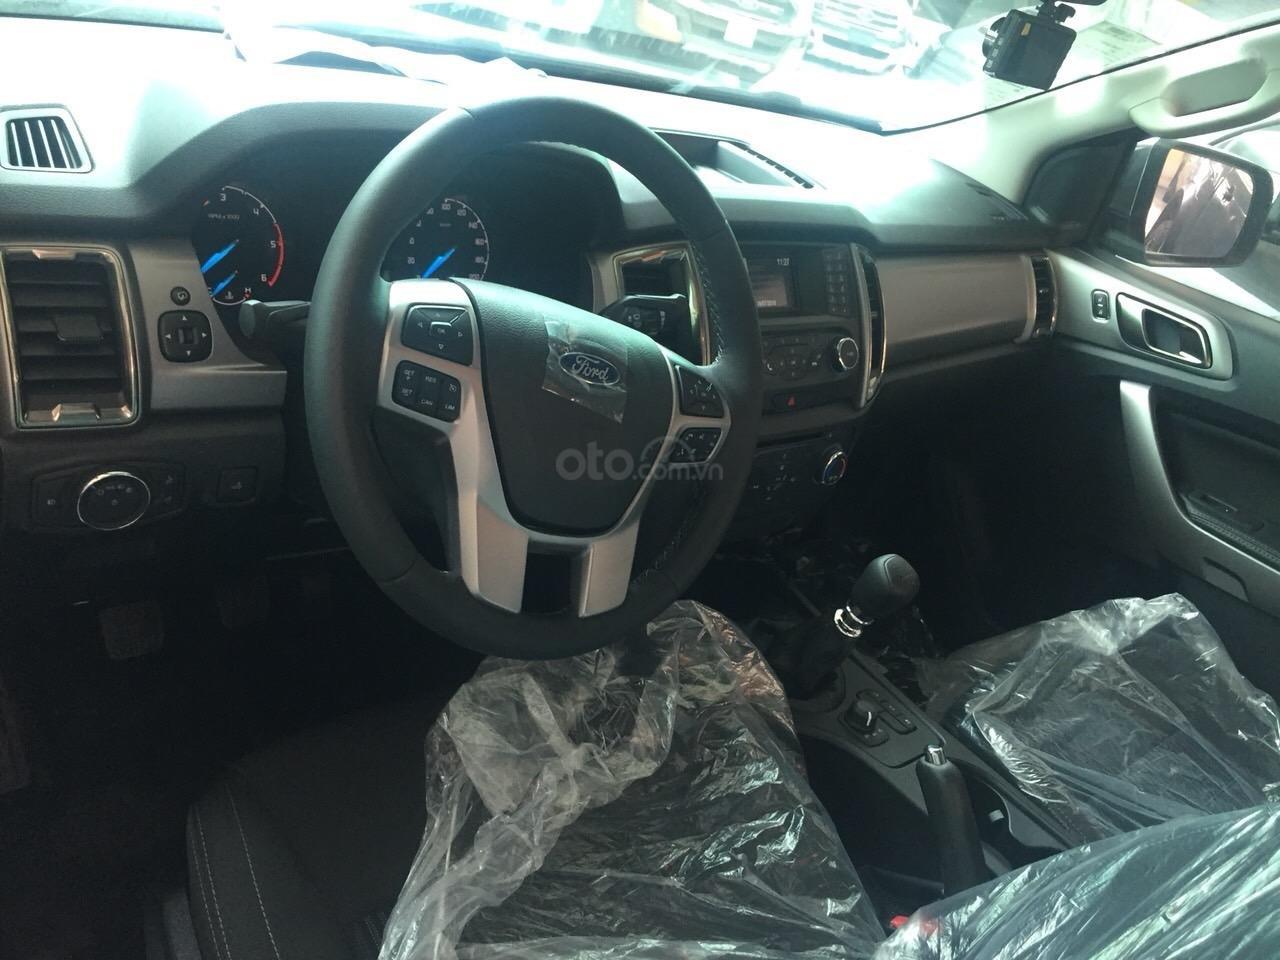 Ford Ranger Wiltrak, XLT, XLS AT, MT mới 100% đủ màu, giao ngay, tặng phụ kiện, hỗ trợ trả góp 90% - LH: 0974.21.9999-4